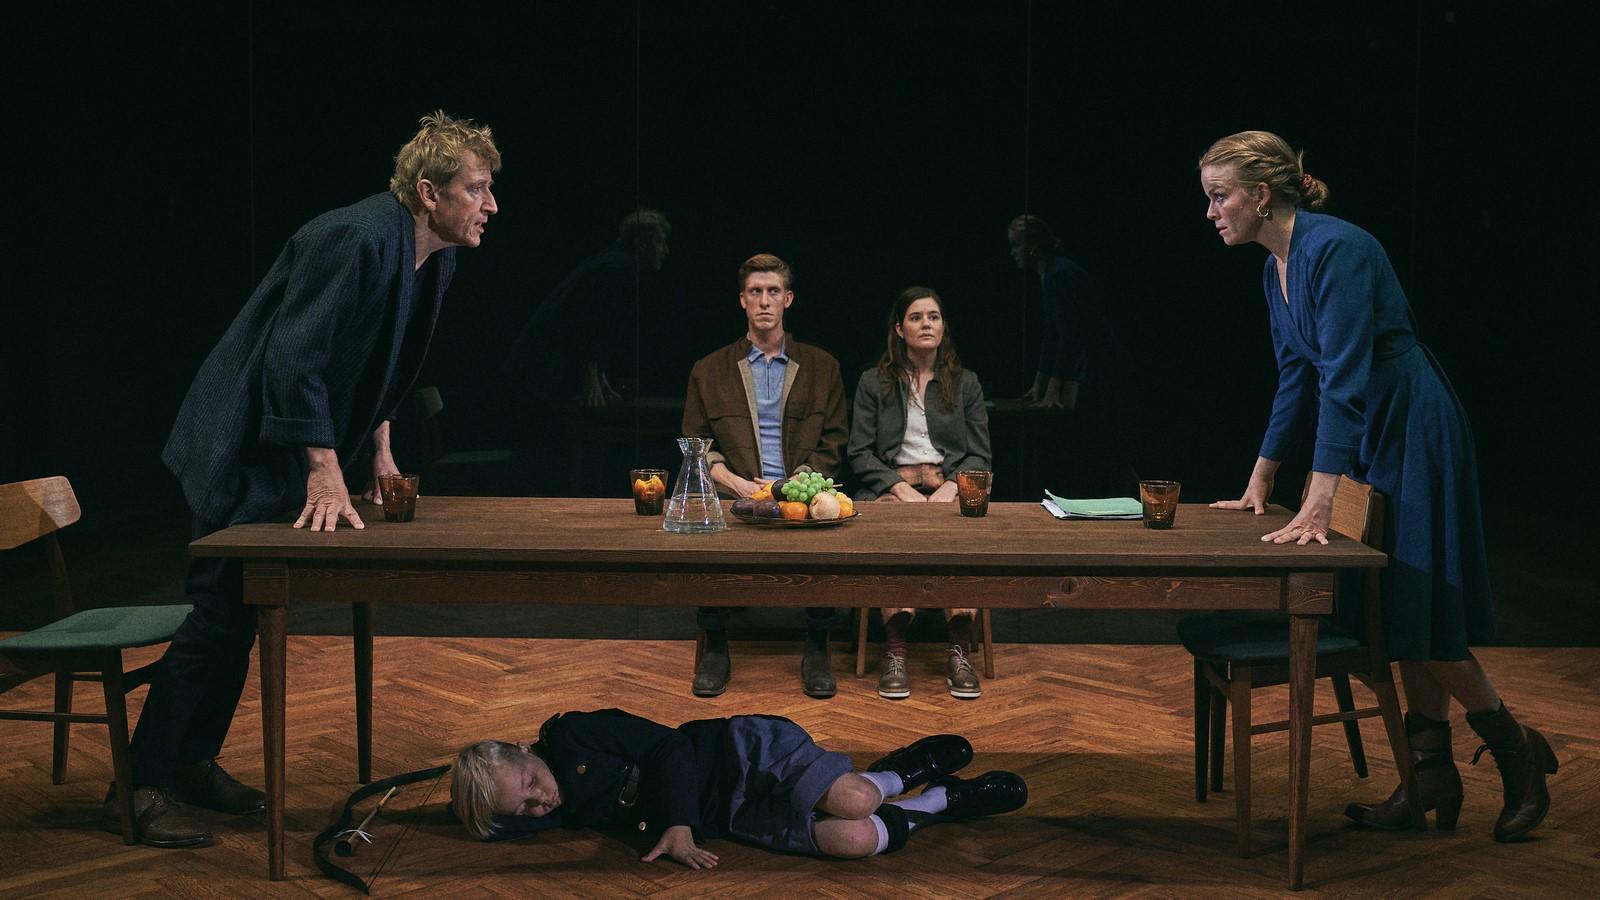 Anmeldelse: Lille Eyolf, Husets Teater